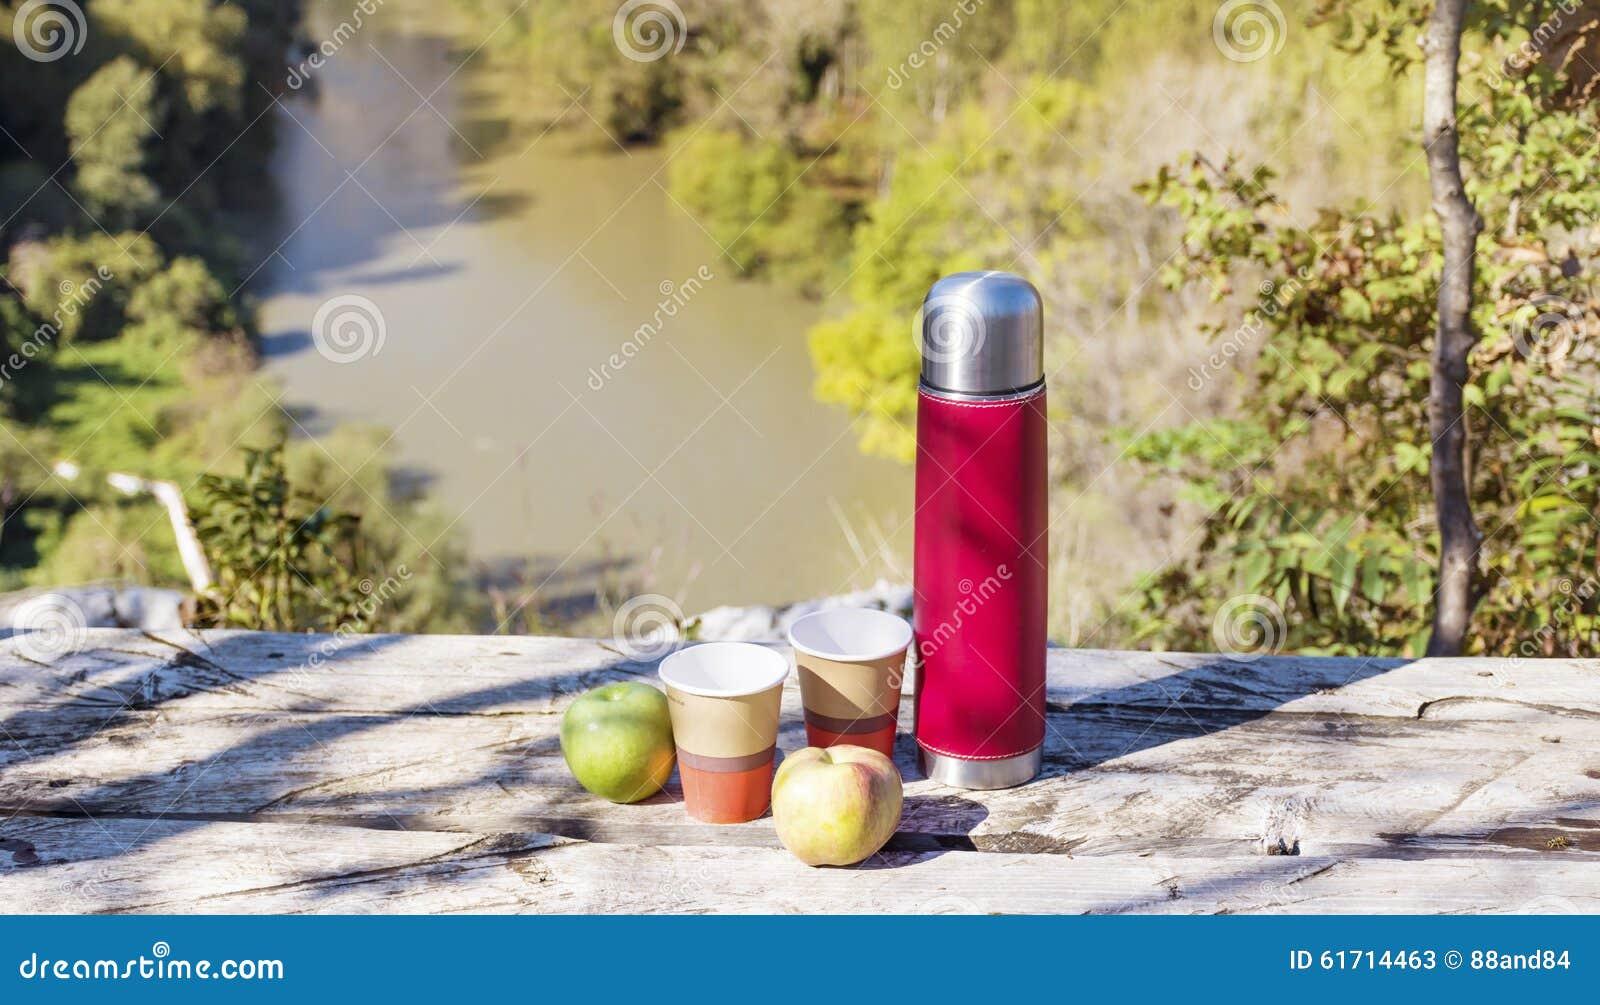 Pinkin w wysokiej górze z czerwonym termosem, kawą i jabłkami,